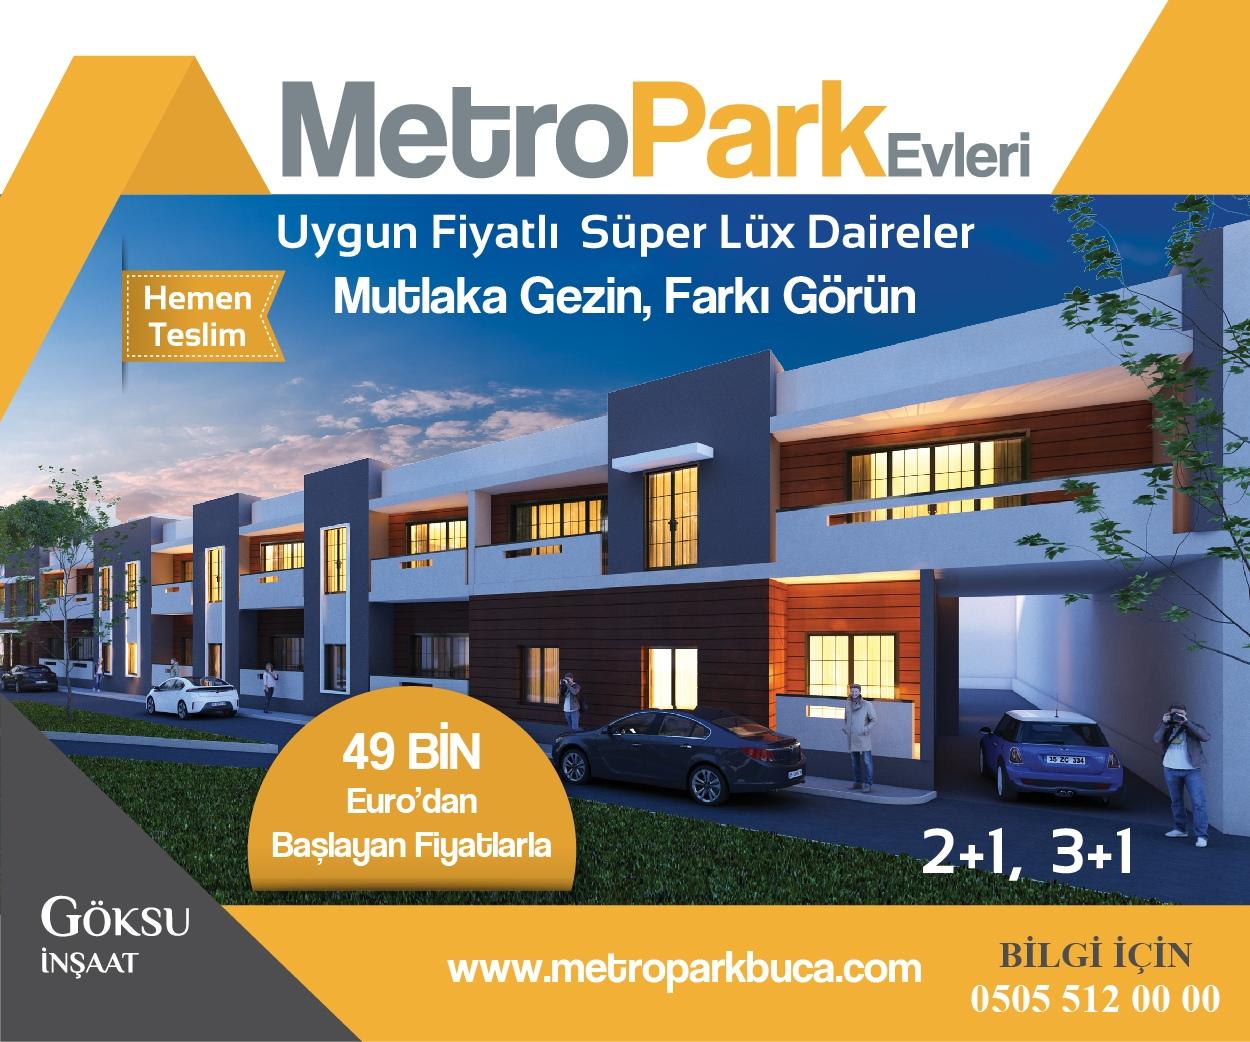 MetroPark Evleri